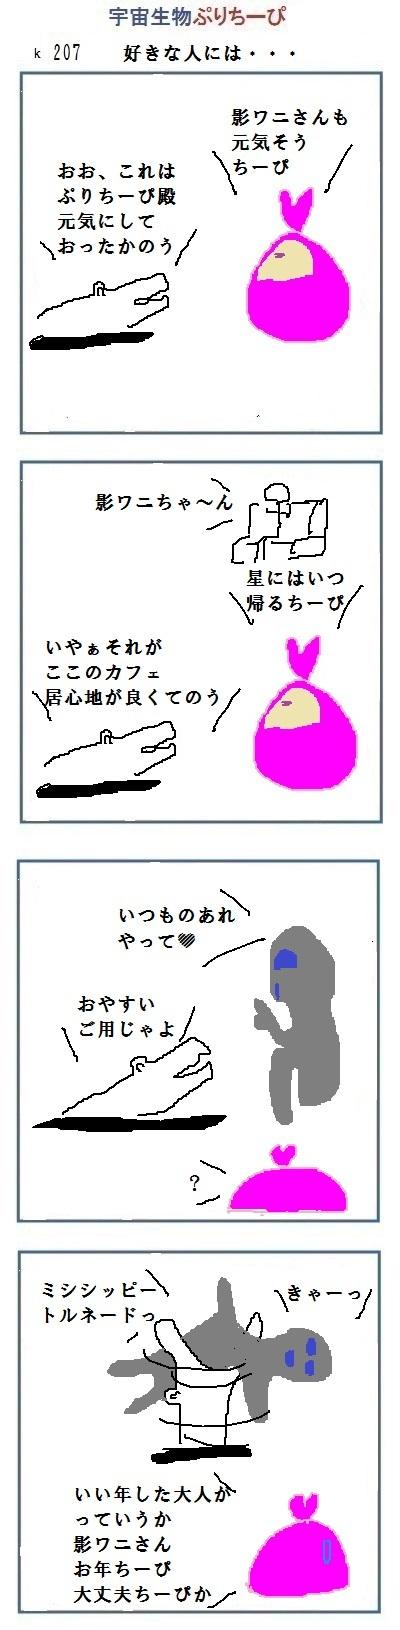 20161207211021ee0.jpg